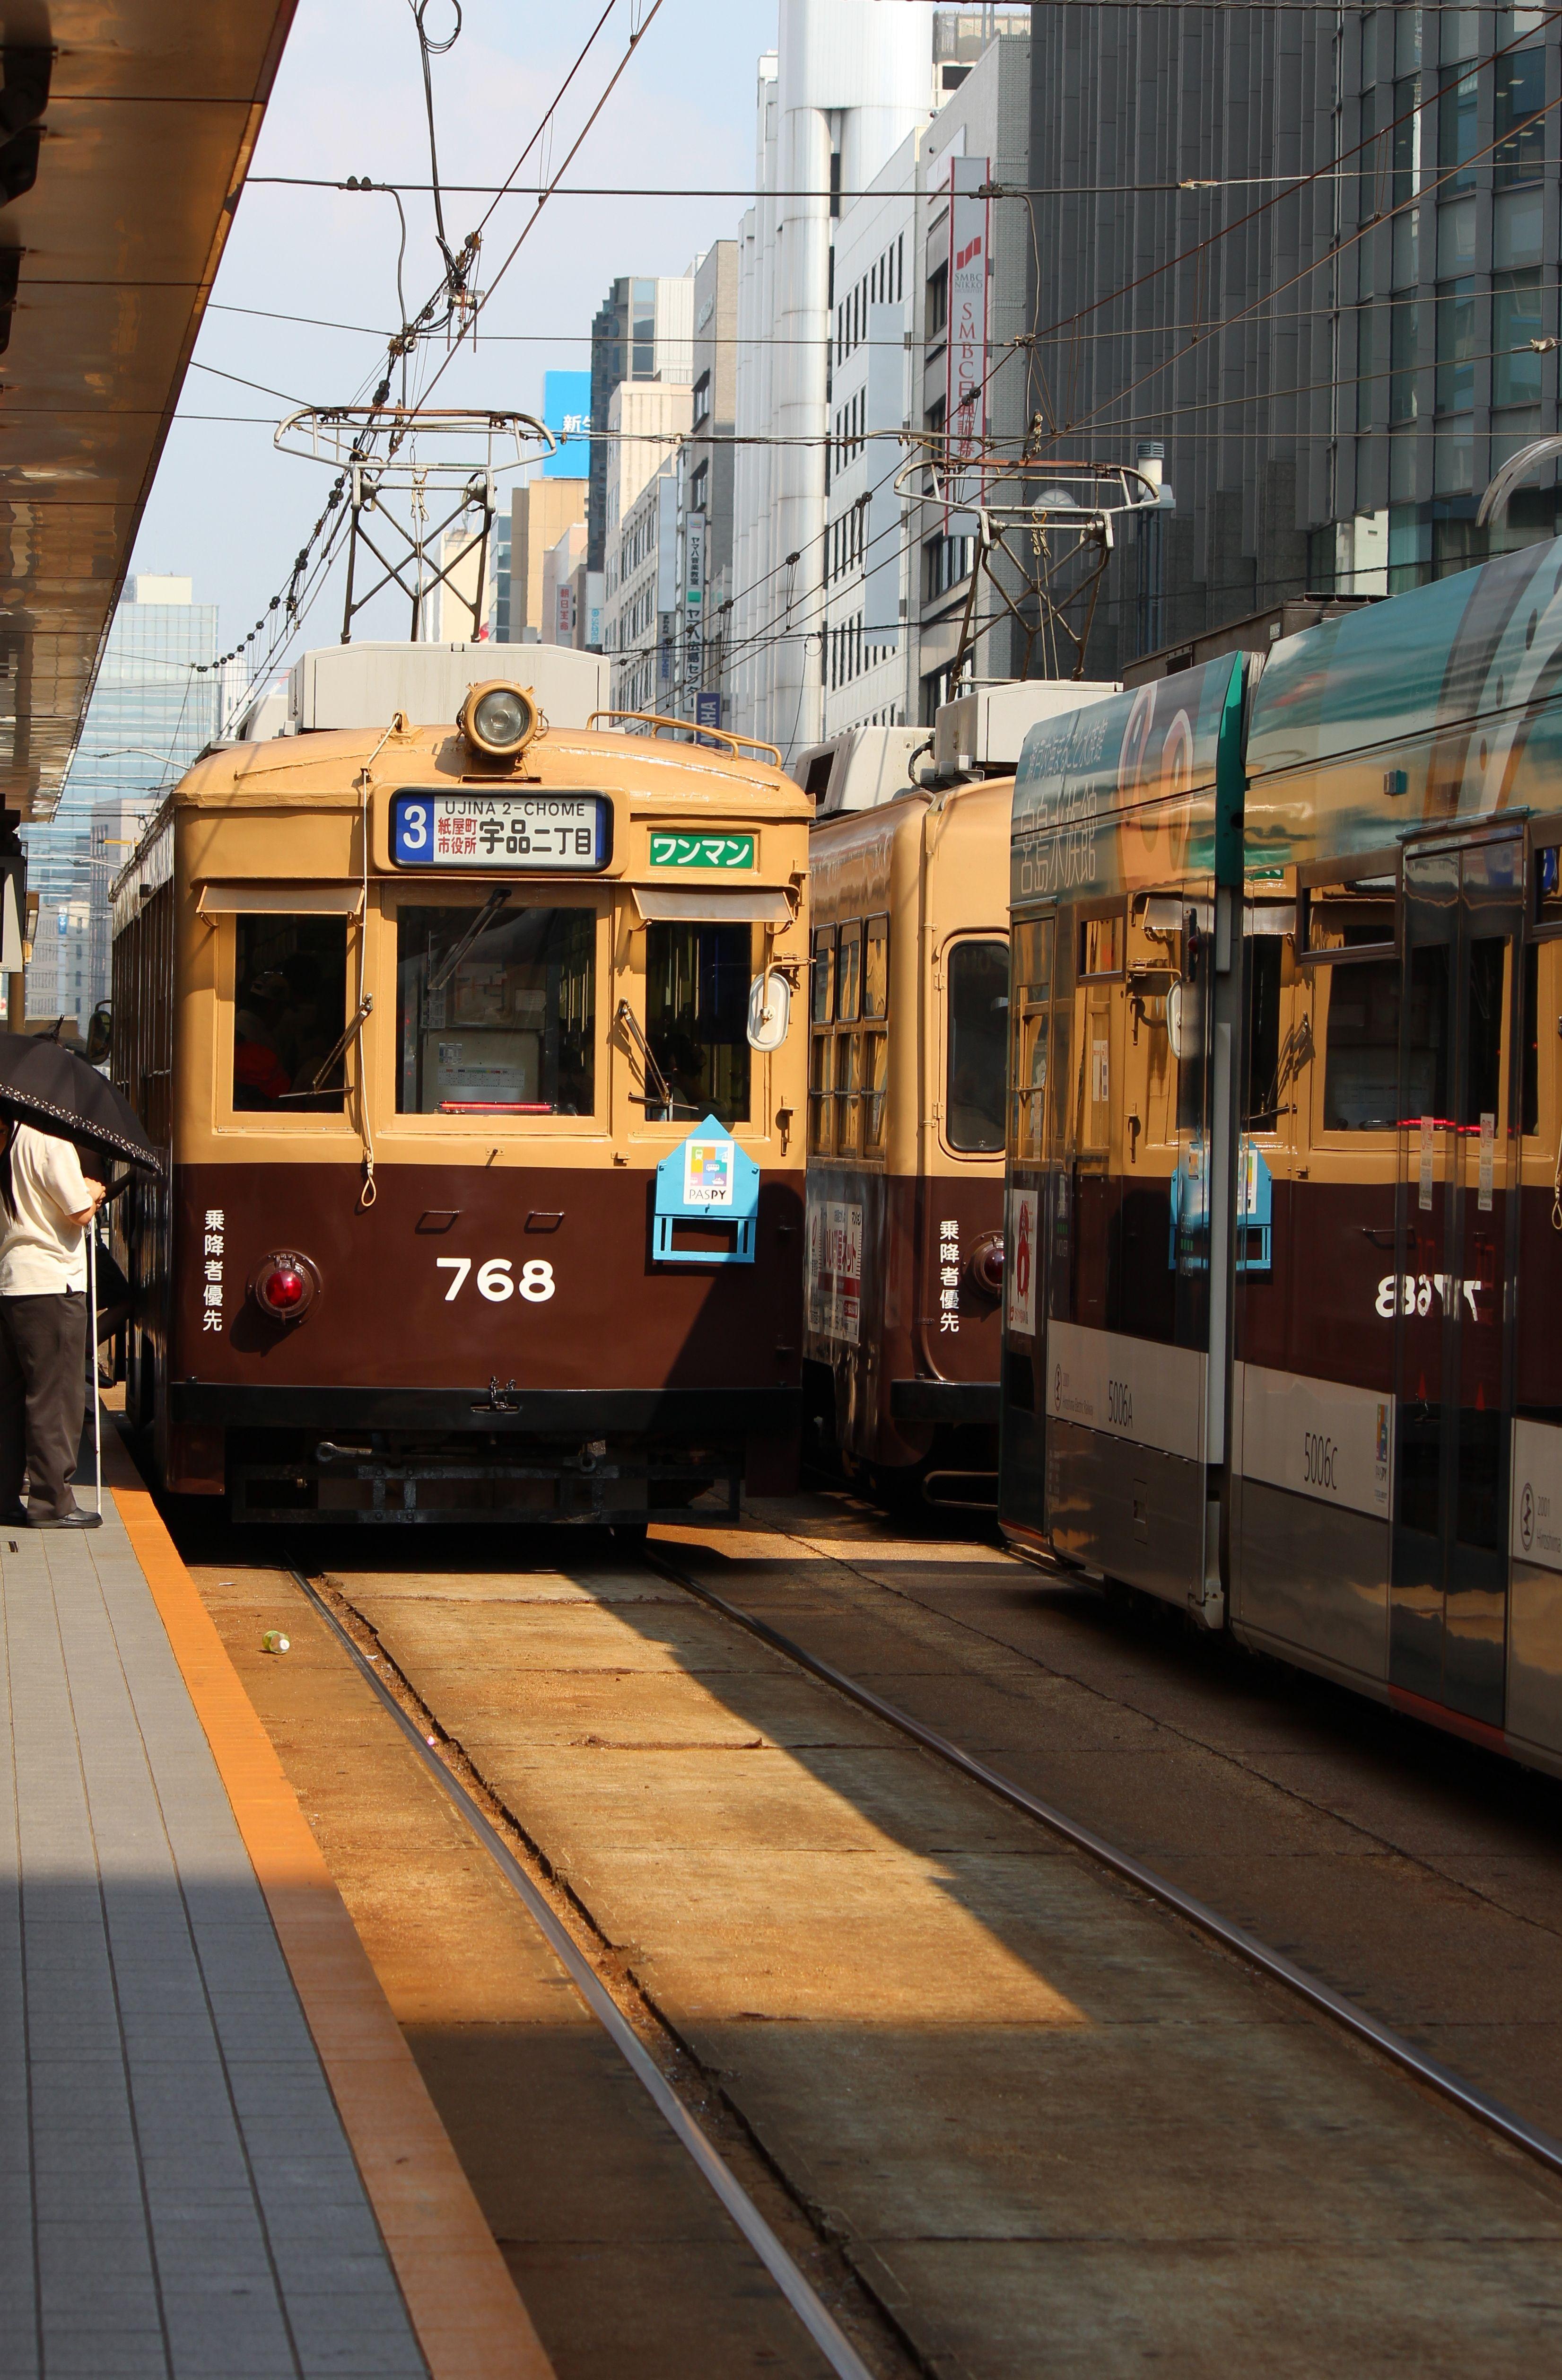 路面電車。750形。大阪市電から譲渡。